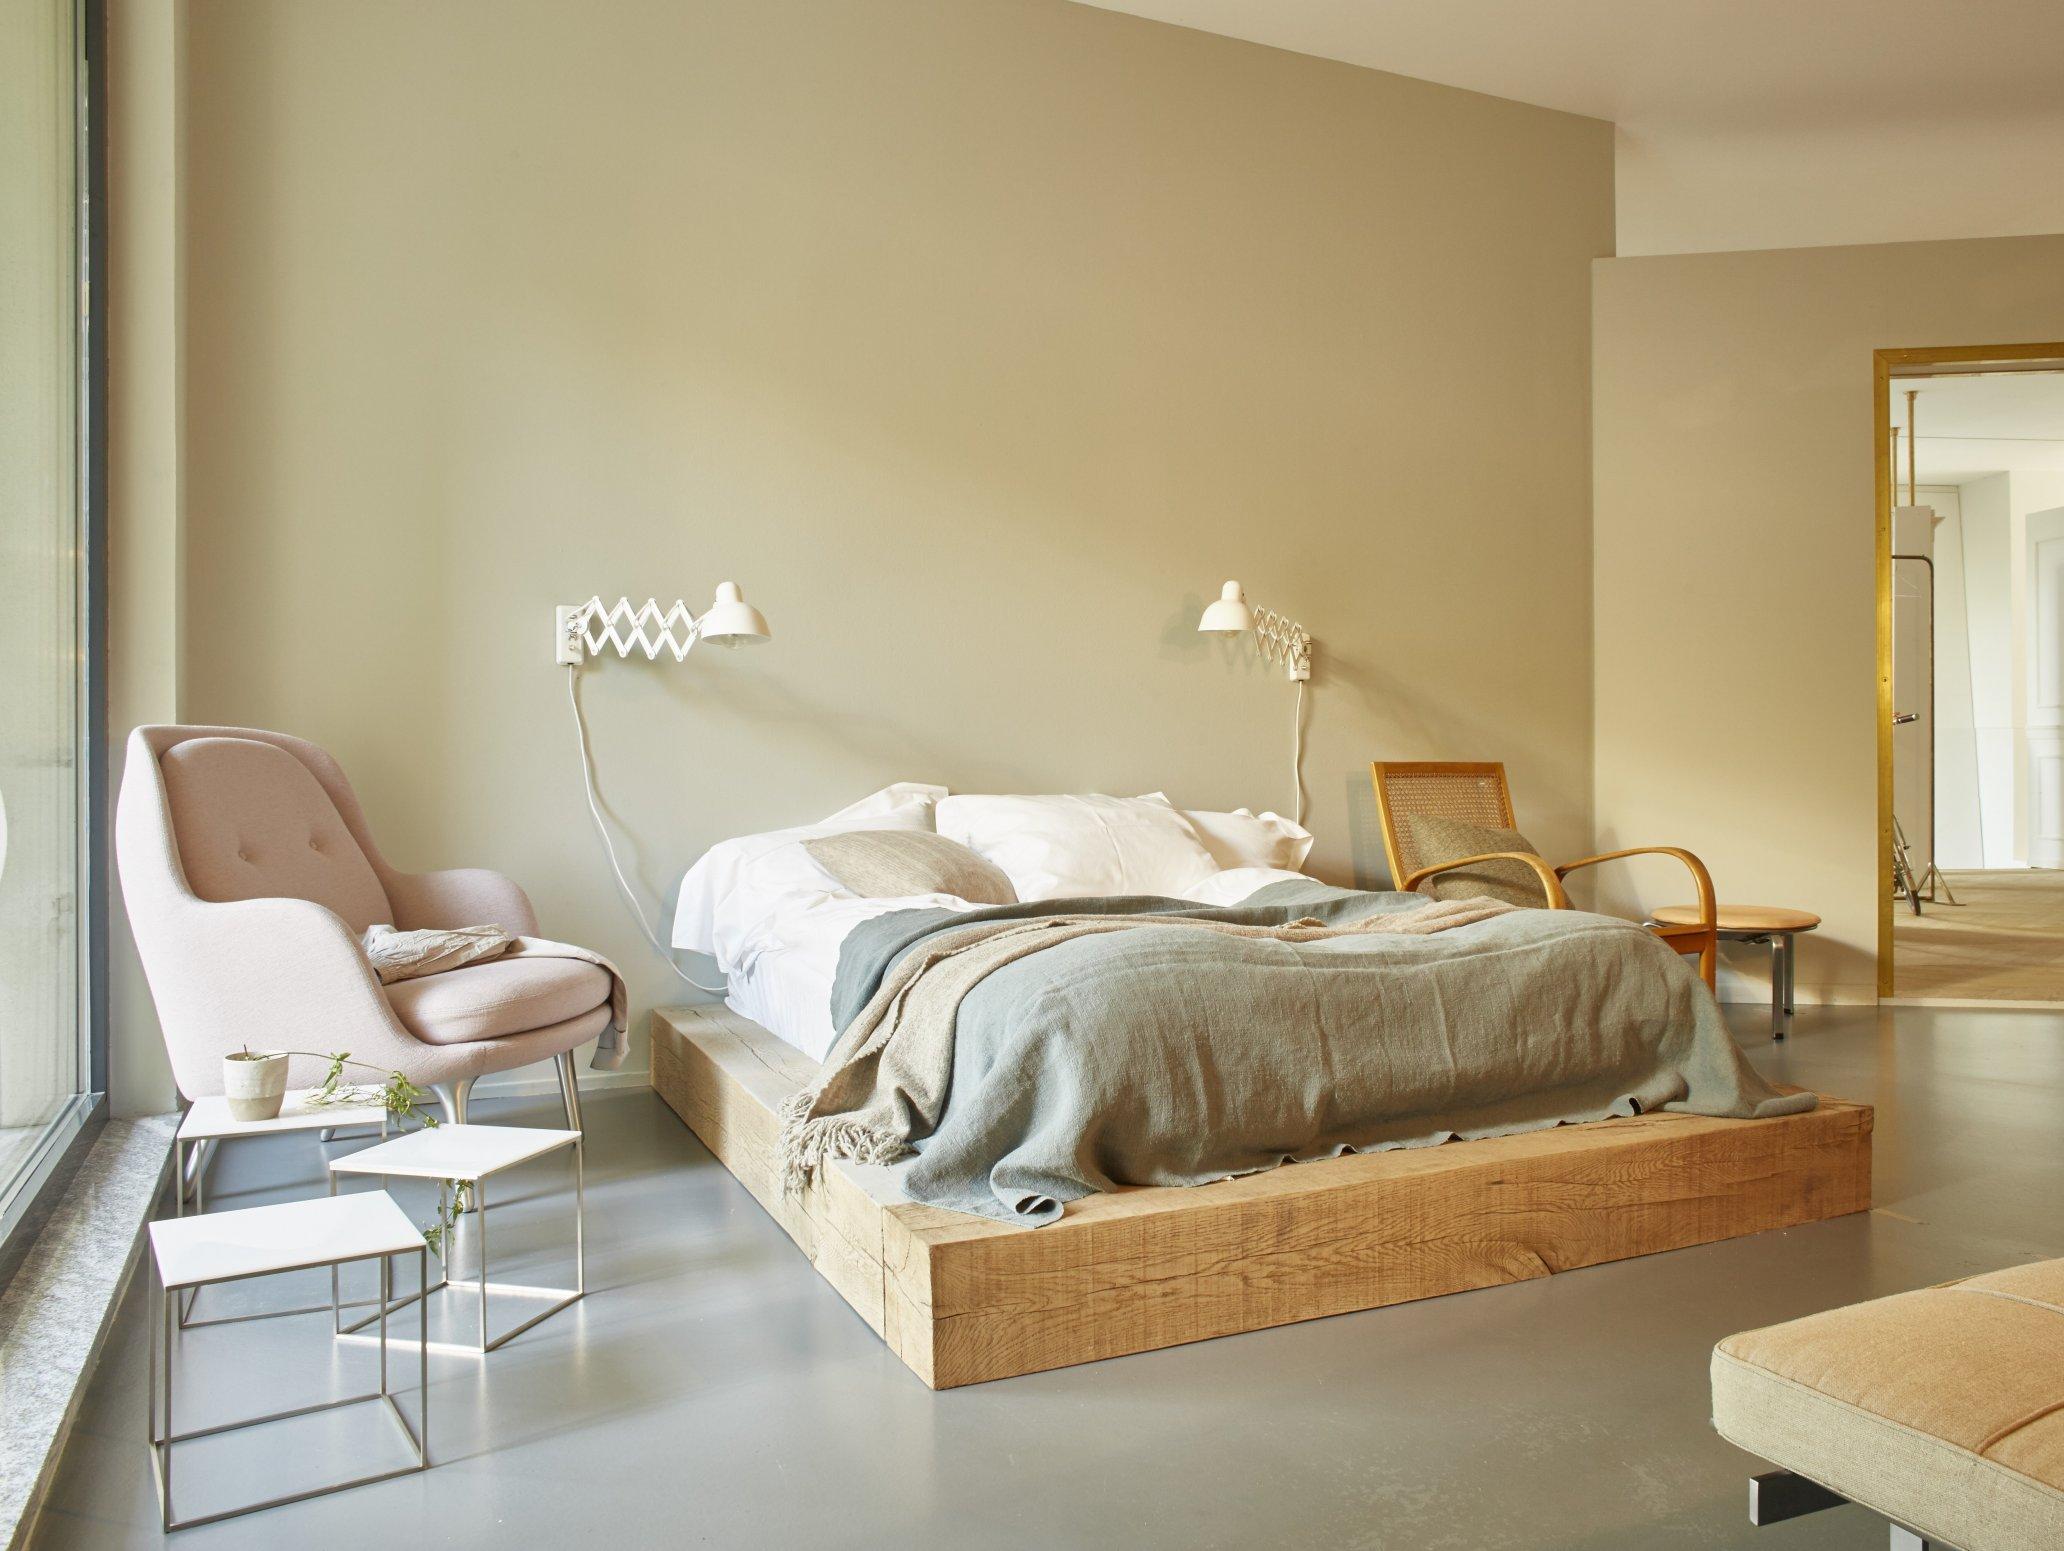 Lichtplanung Zuhause Schlafzimmer